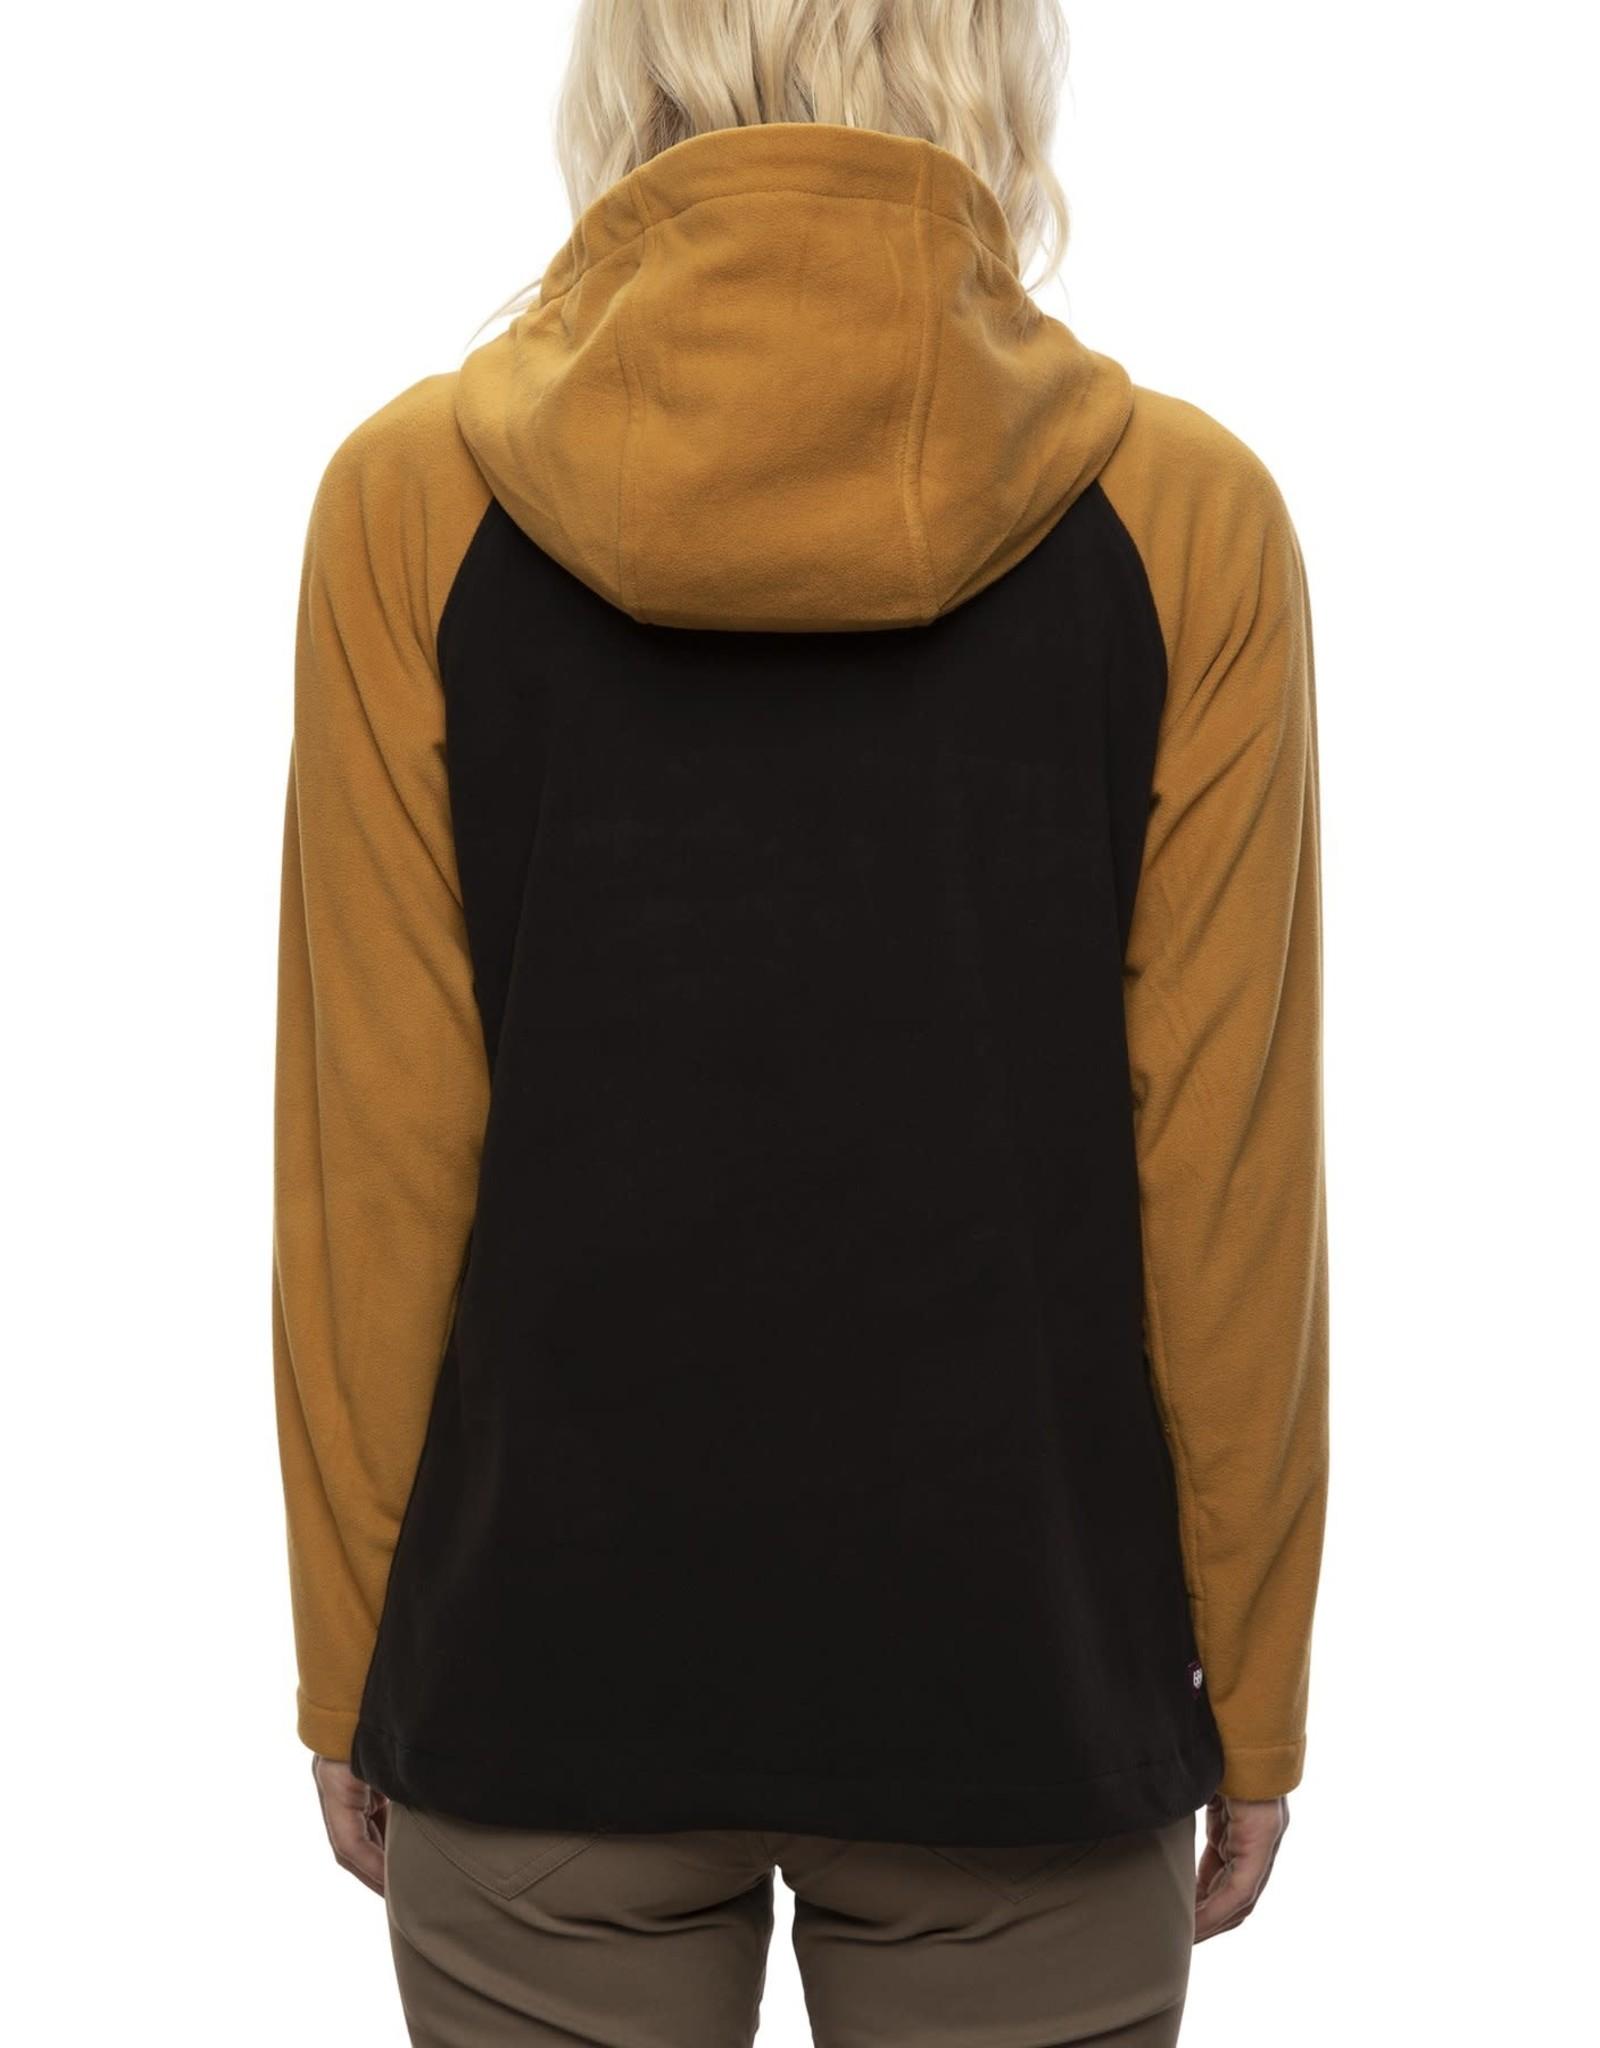 686 686 - Polar femme hemlock fleece hoody golden brown colorblock